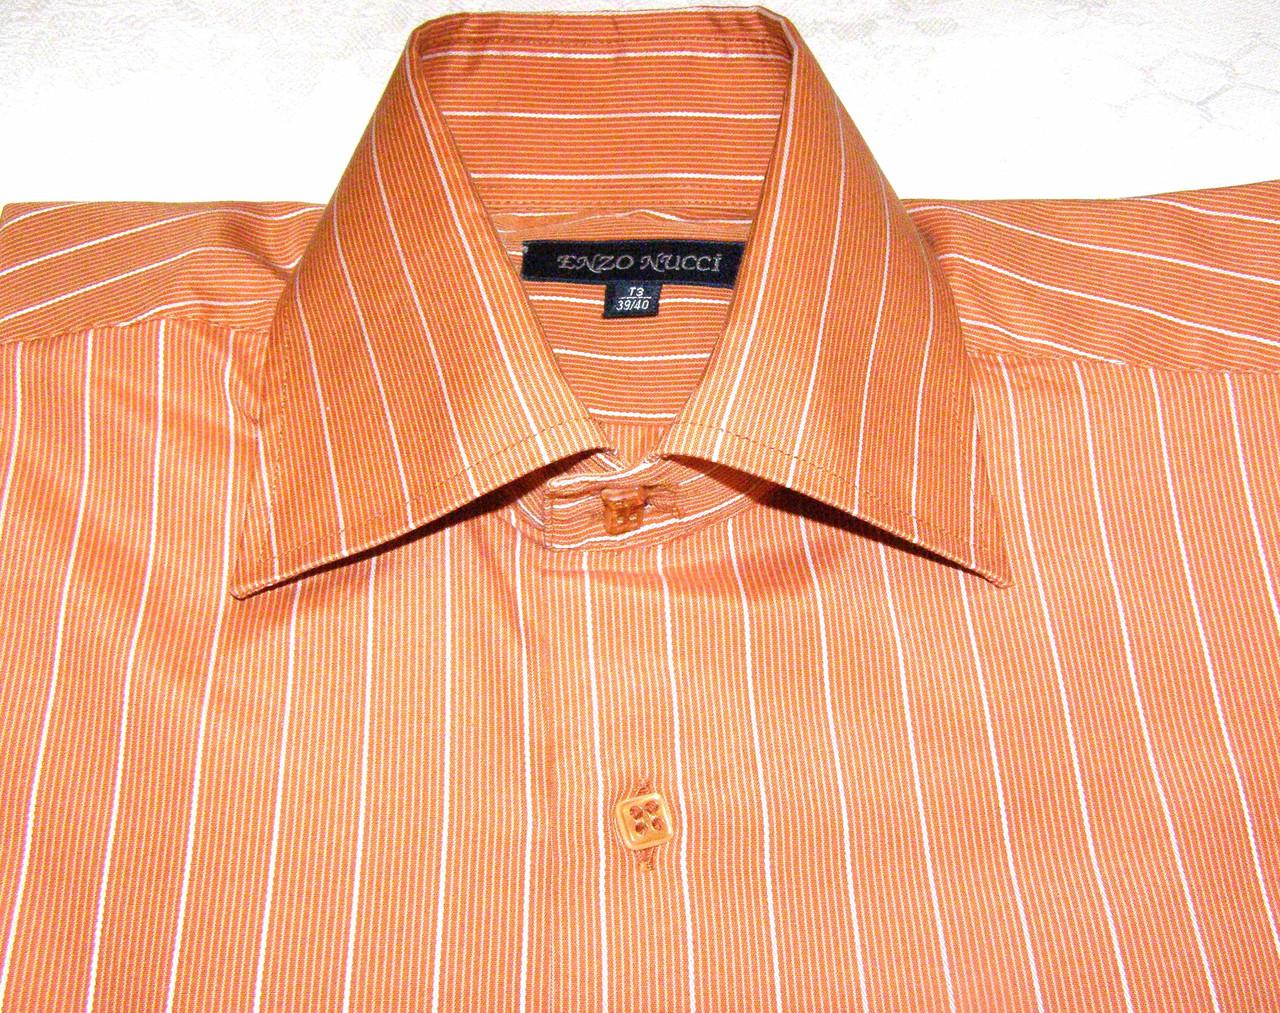 Рубашка ENZO NUCCI (M/39-40)